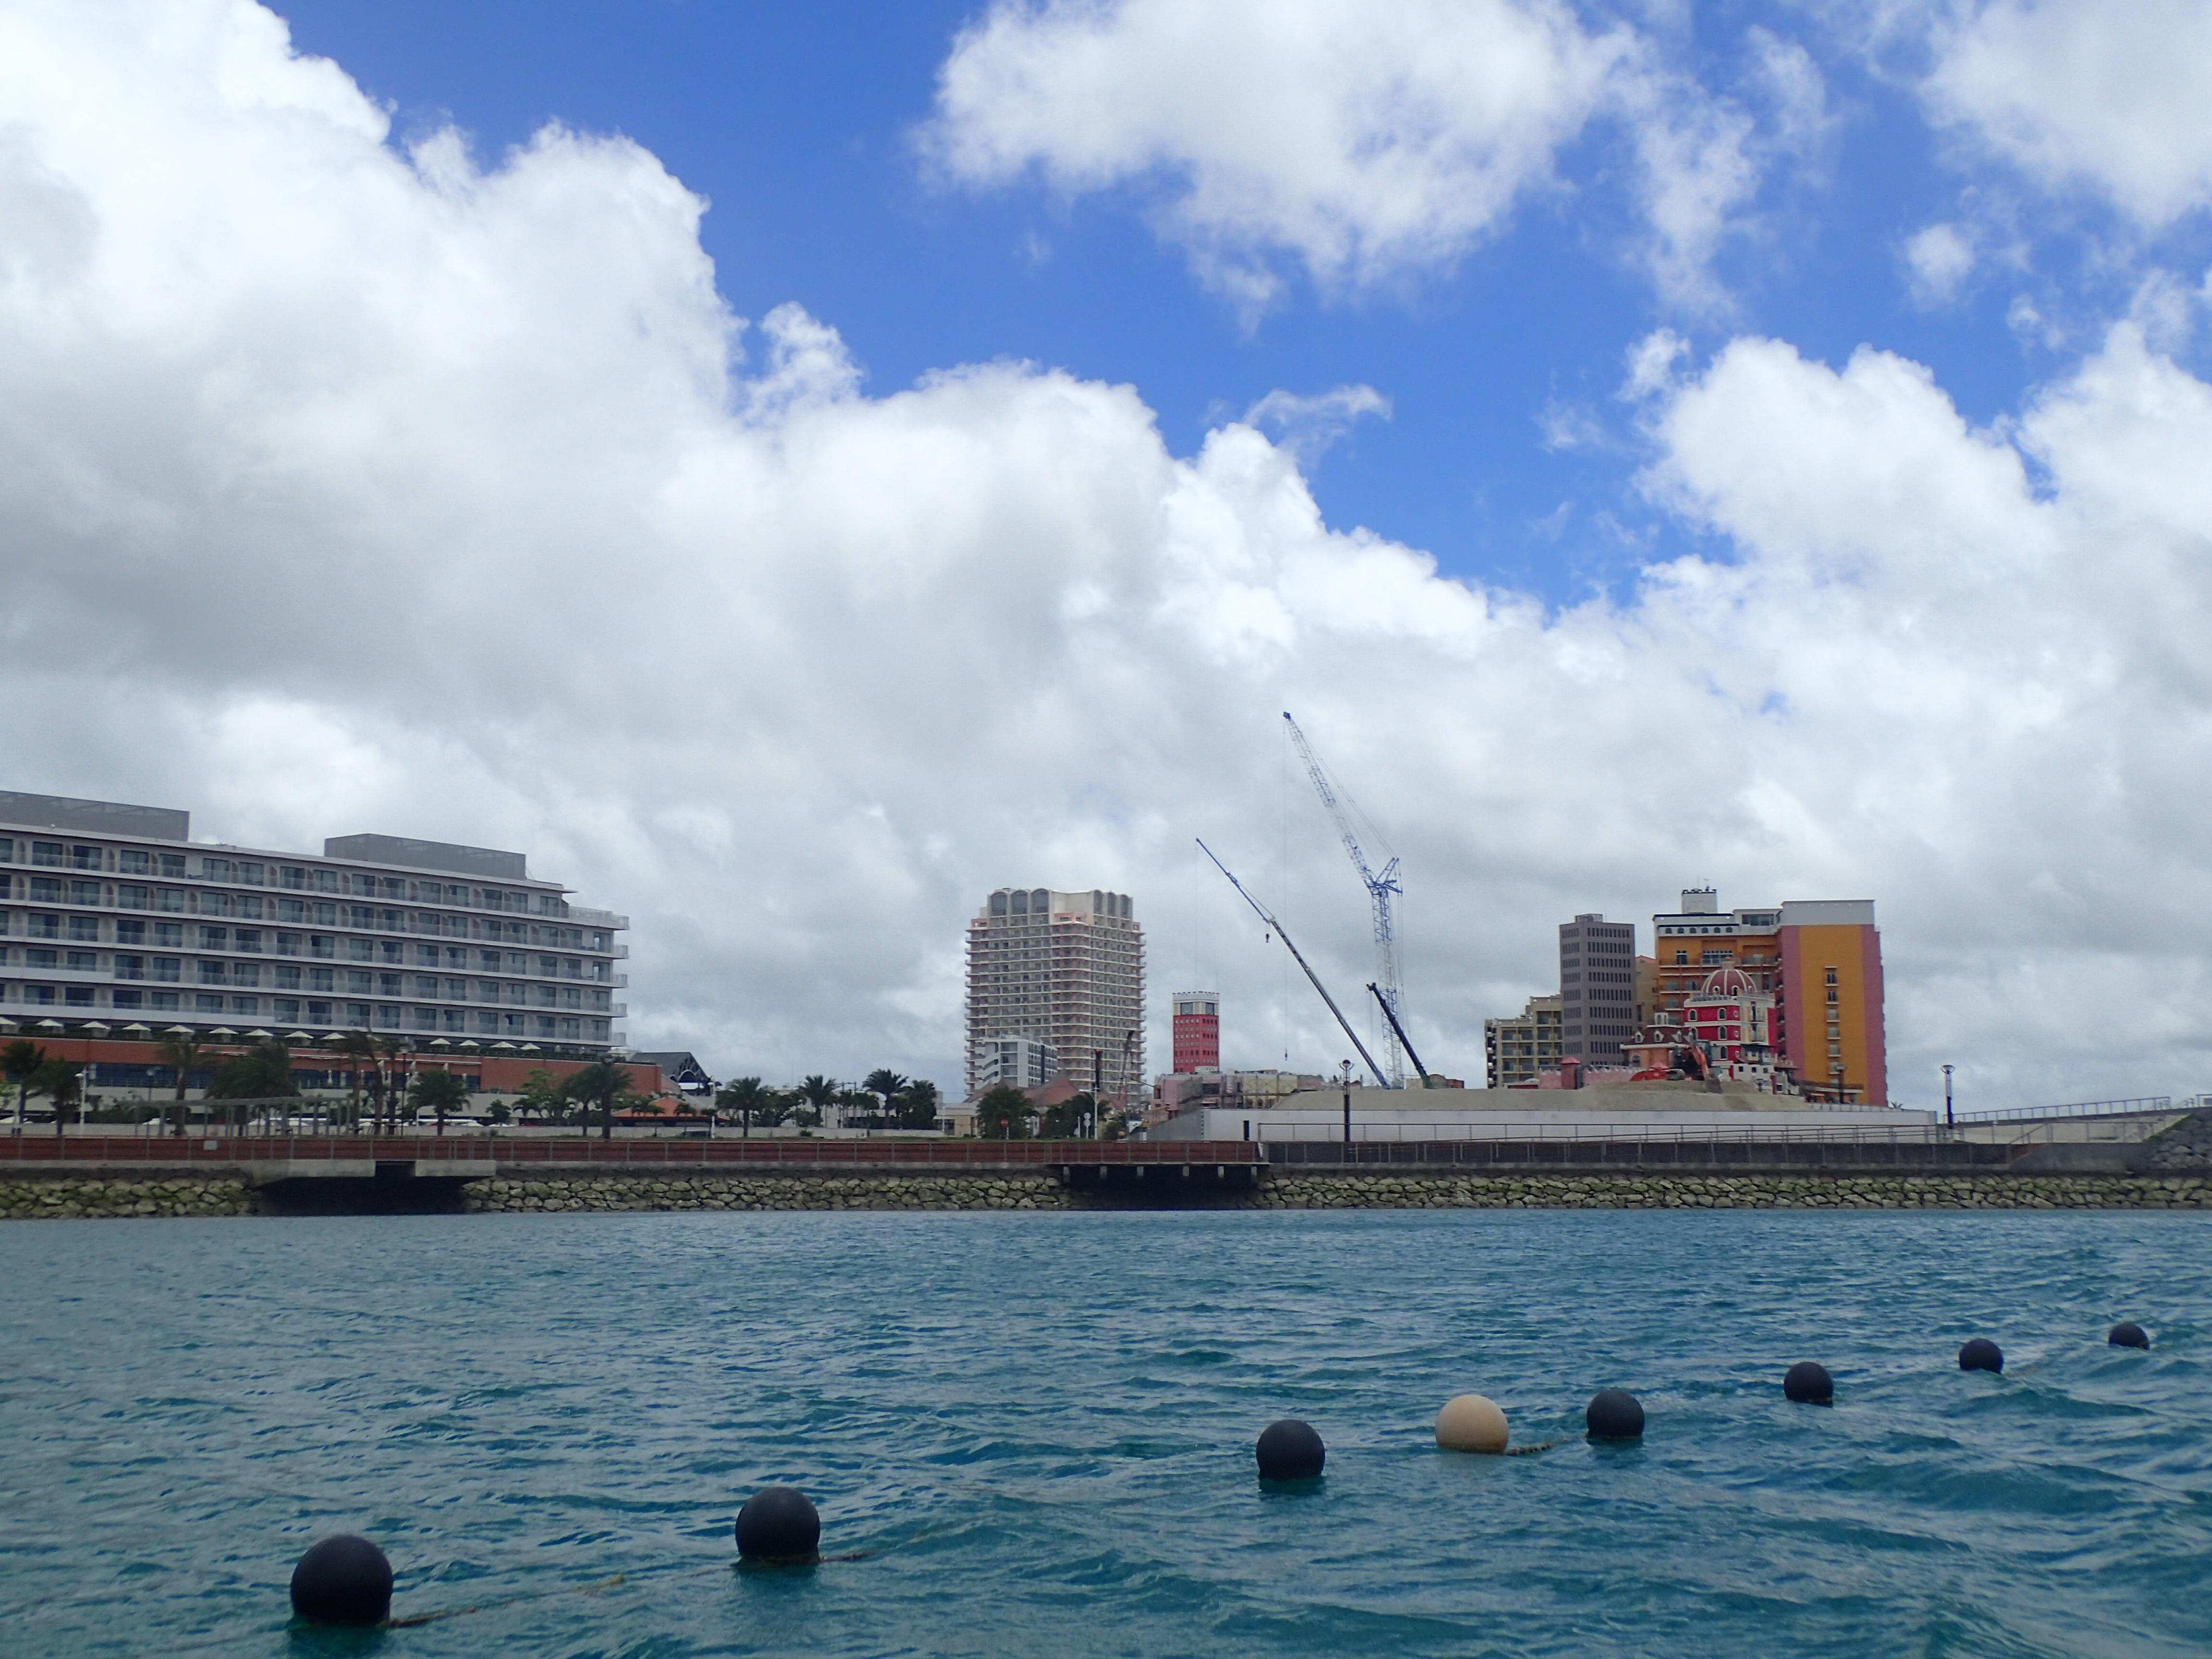 いざ出航!青い空・青い海に吸い込まれていく。。。沖縄らしい体験です